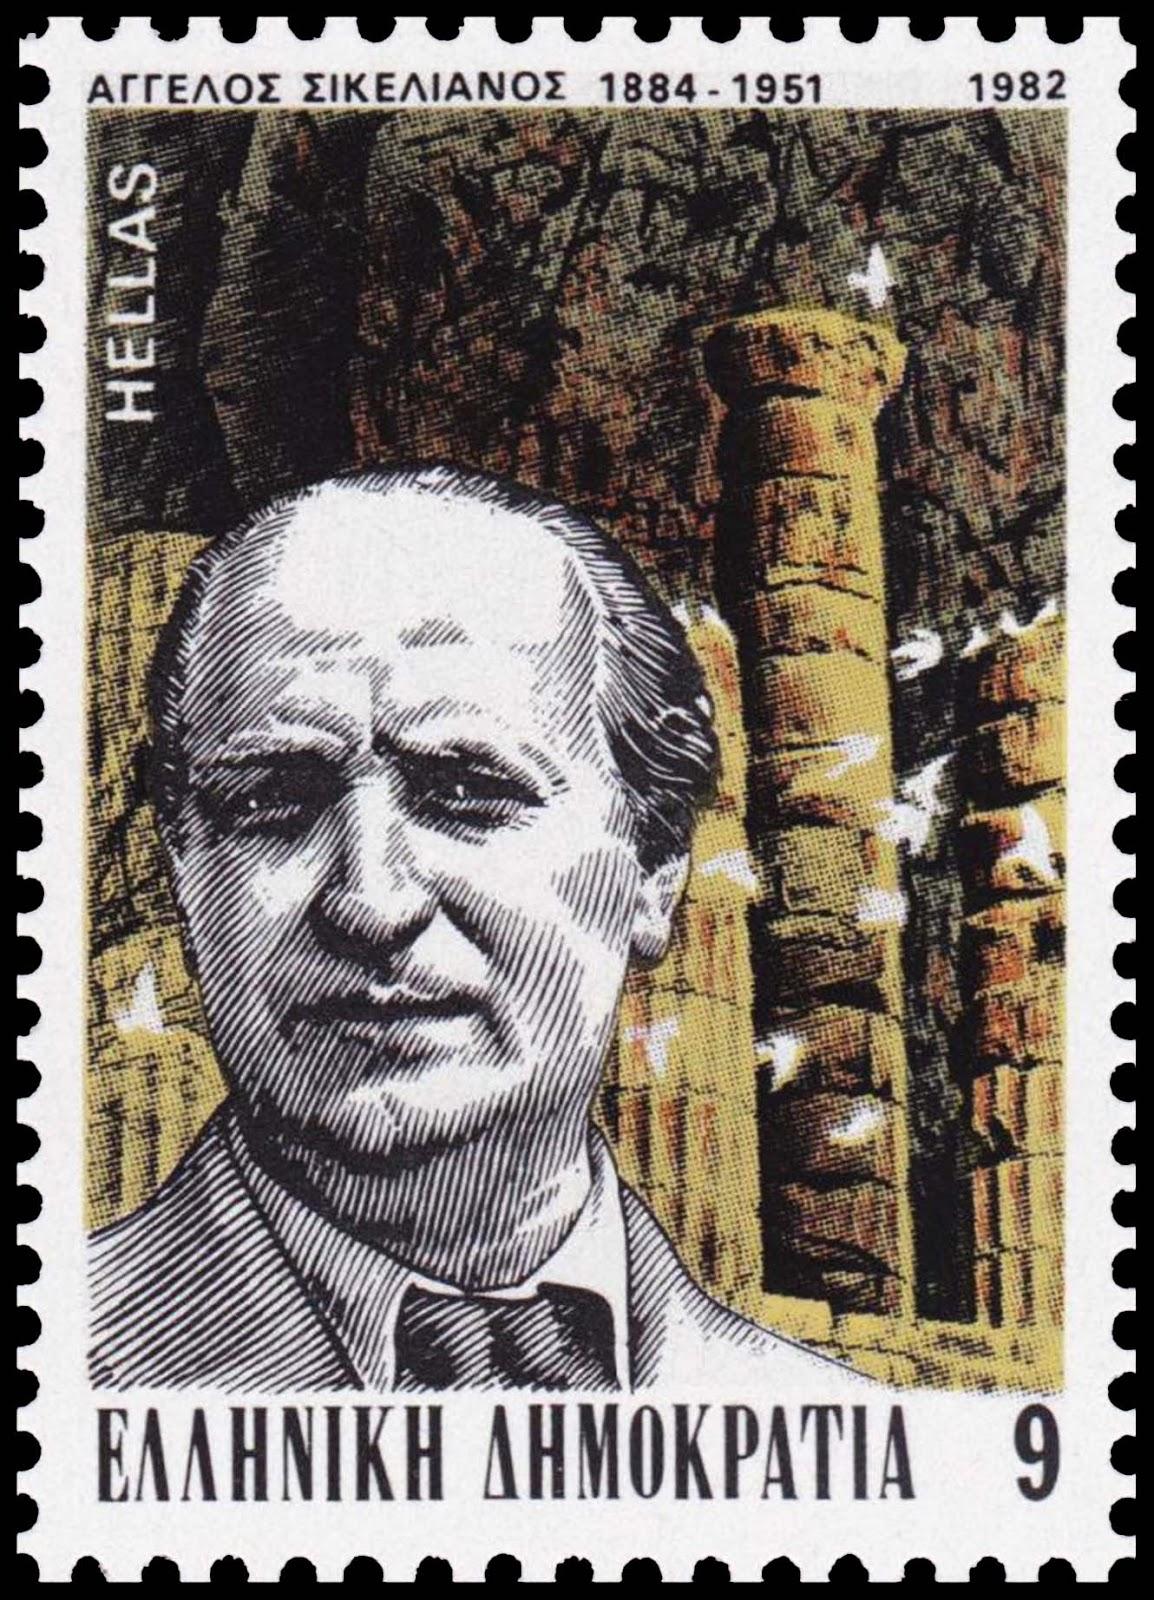 1982 Άγγελος Σικελιανός (1884-1951)